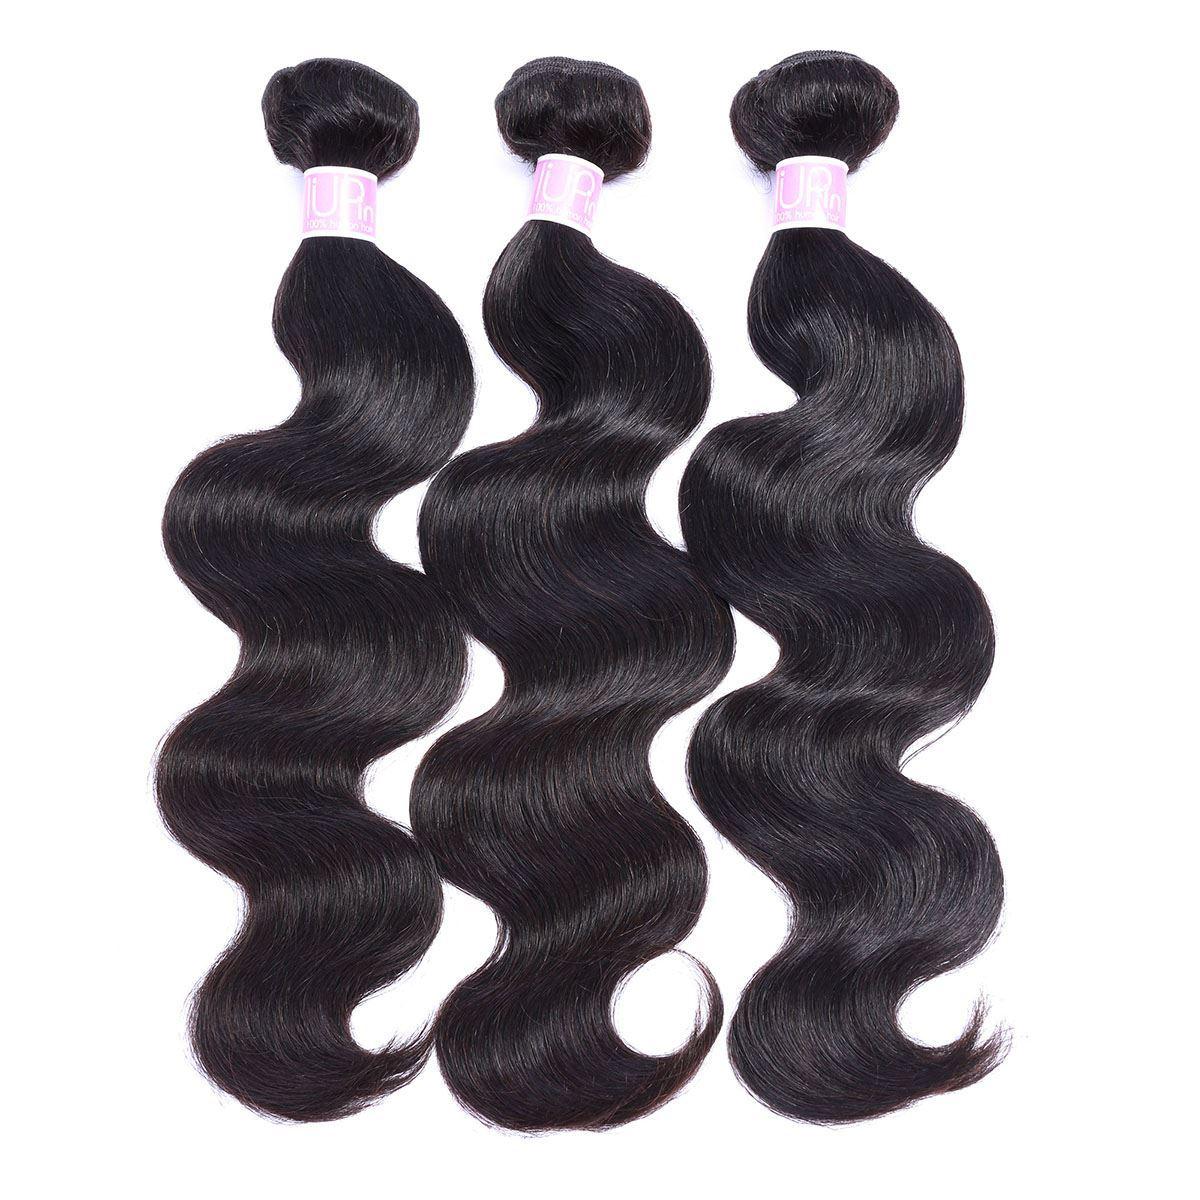 body wave human hair 3 Bundles